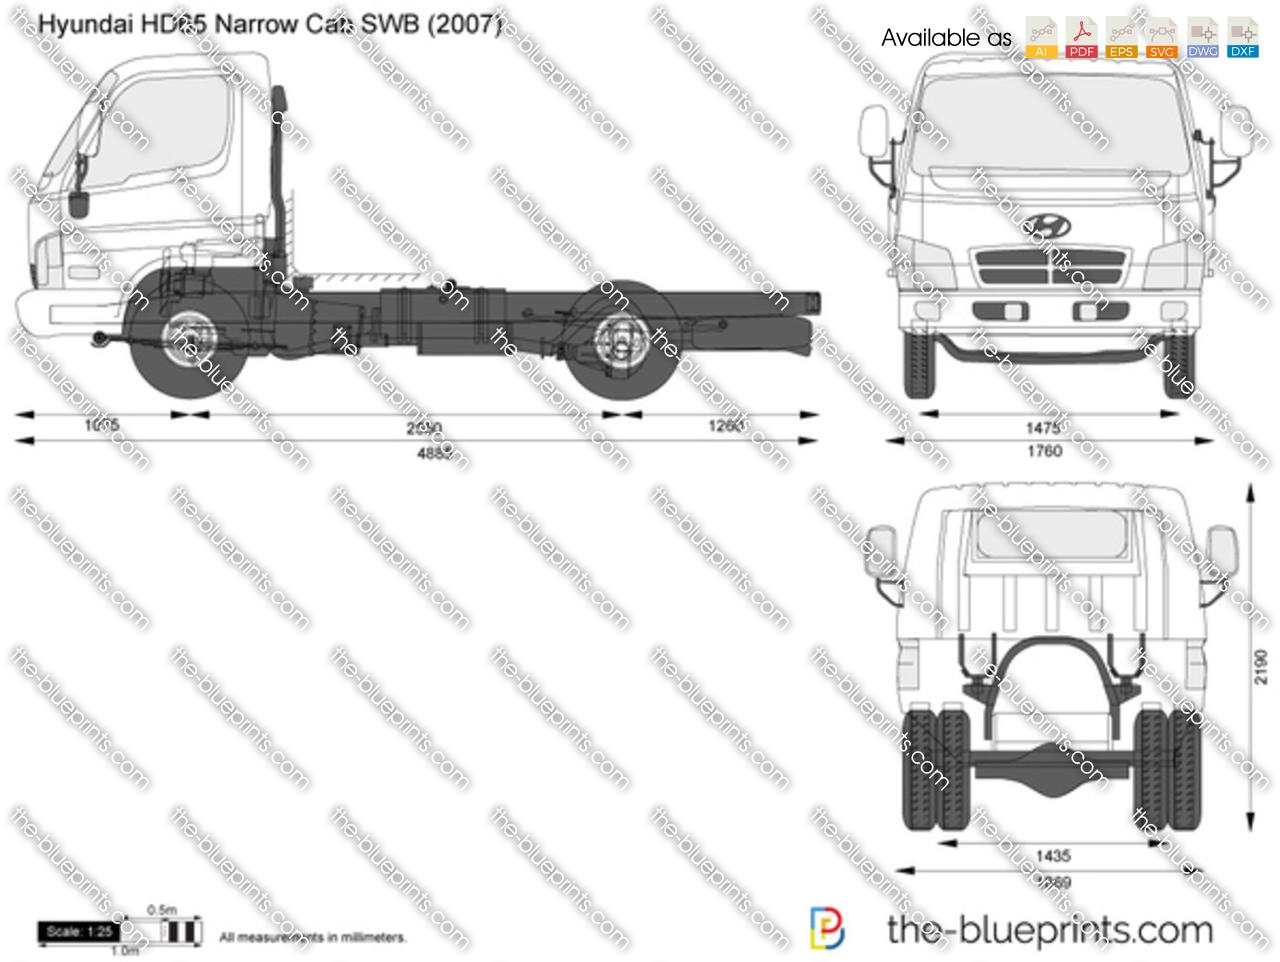 Hyundai HD65 Narrow Cab SWB